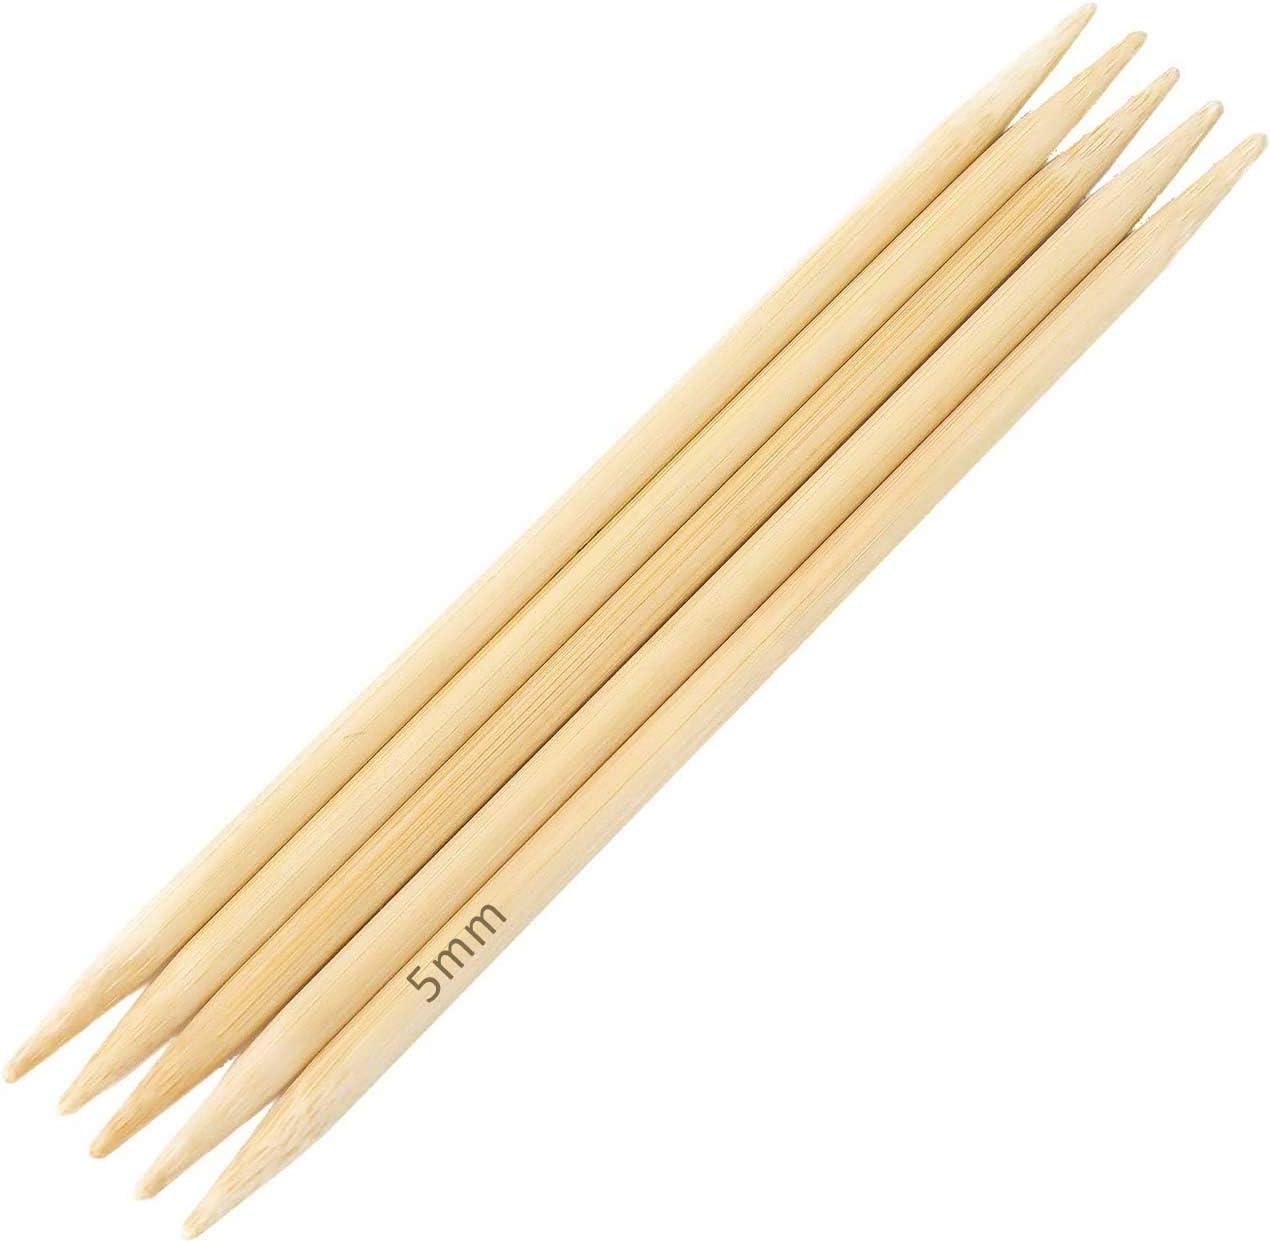 Bambus Nadelspiel Strumpfstricknadeln L/änge und St/ärke w/ählbar Gr/ö/ße:15cm x 2.0mm